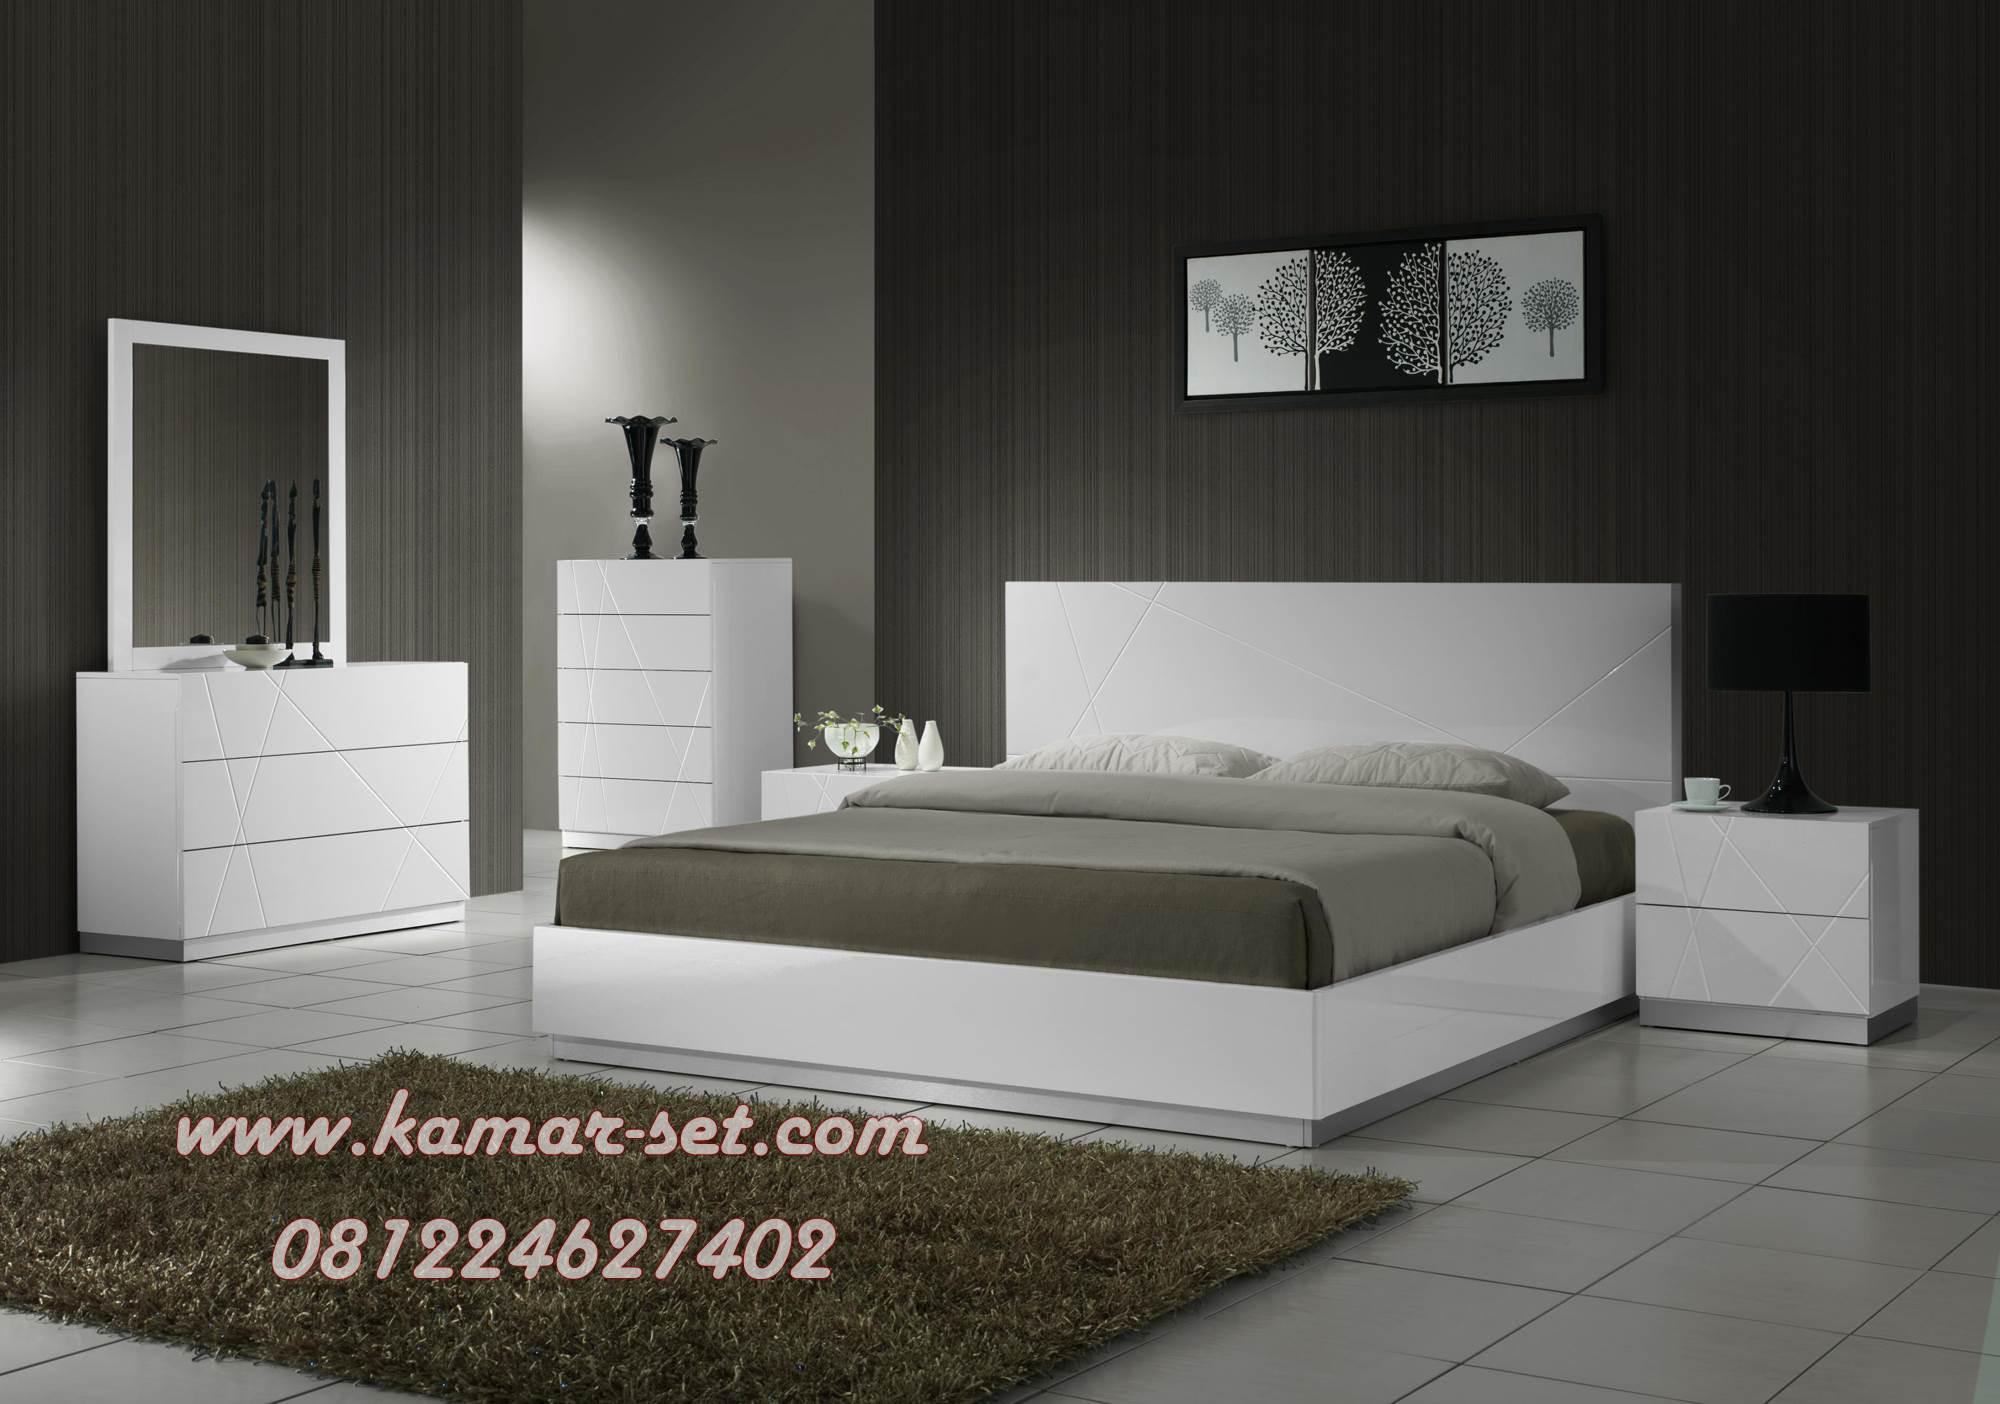 Tempat Tidur Modern Minimalis Putih Duco